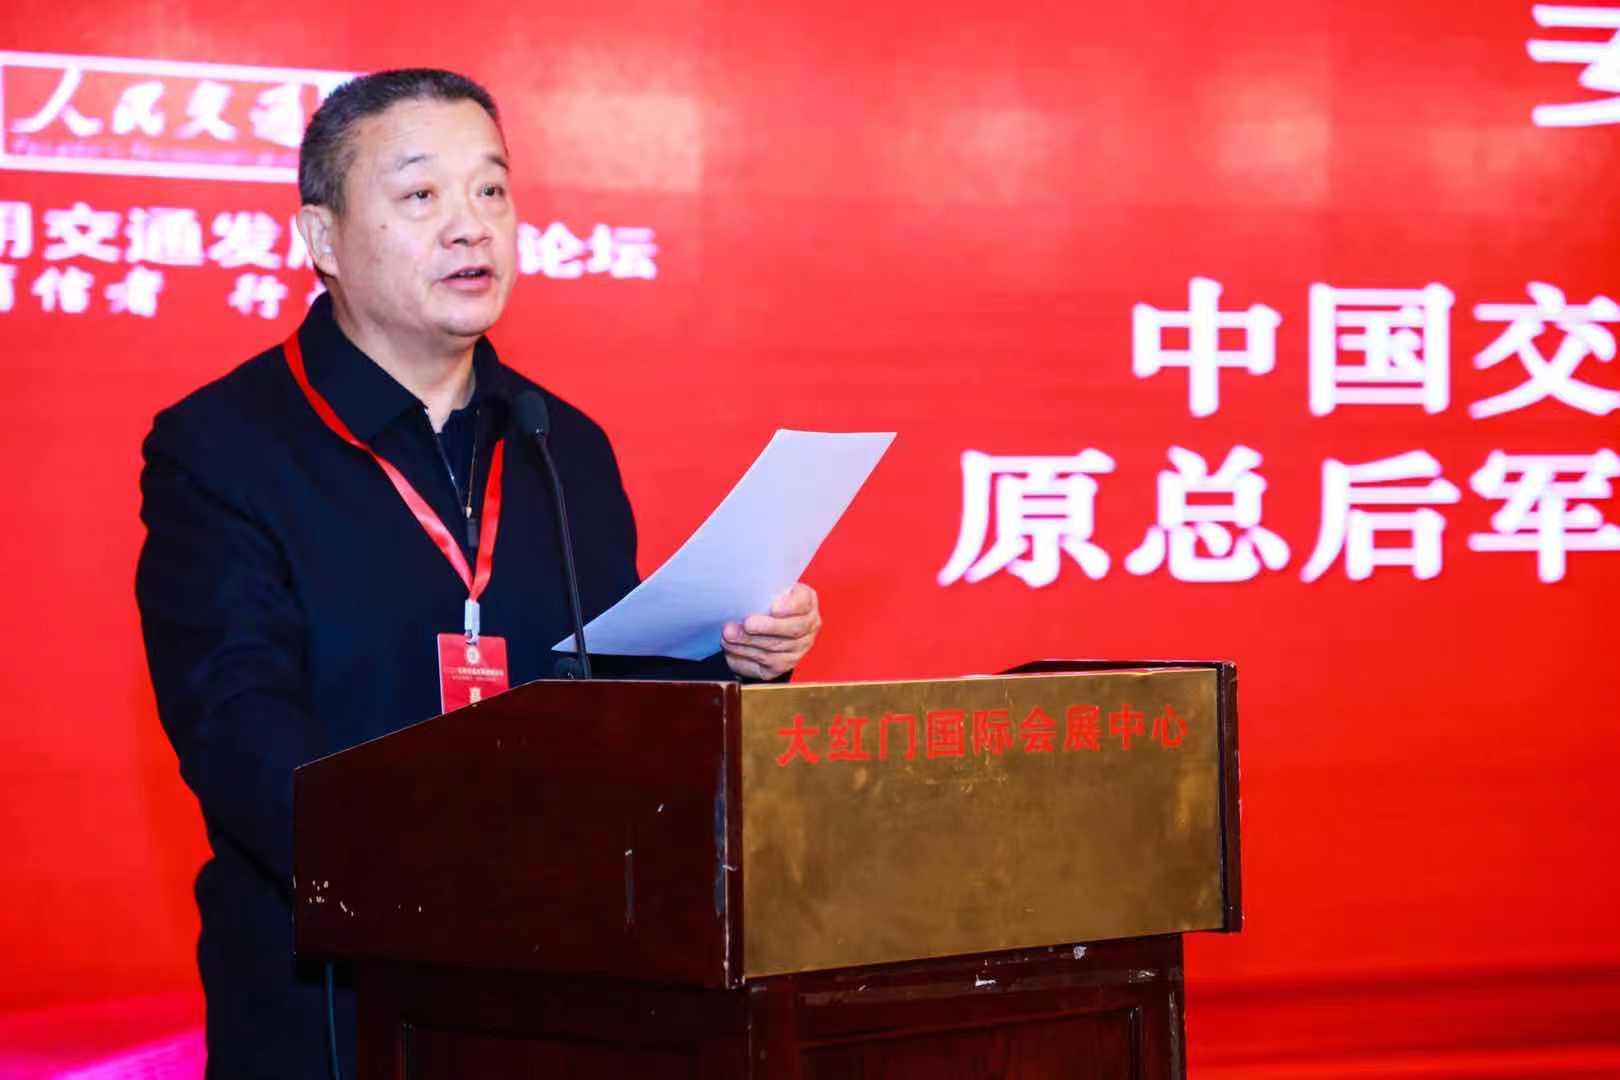 中国交通运输协会副会长姜锐刚在2020信用交通发展高峰论坛致欢迎辞